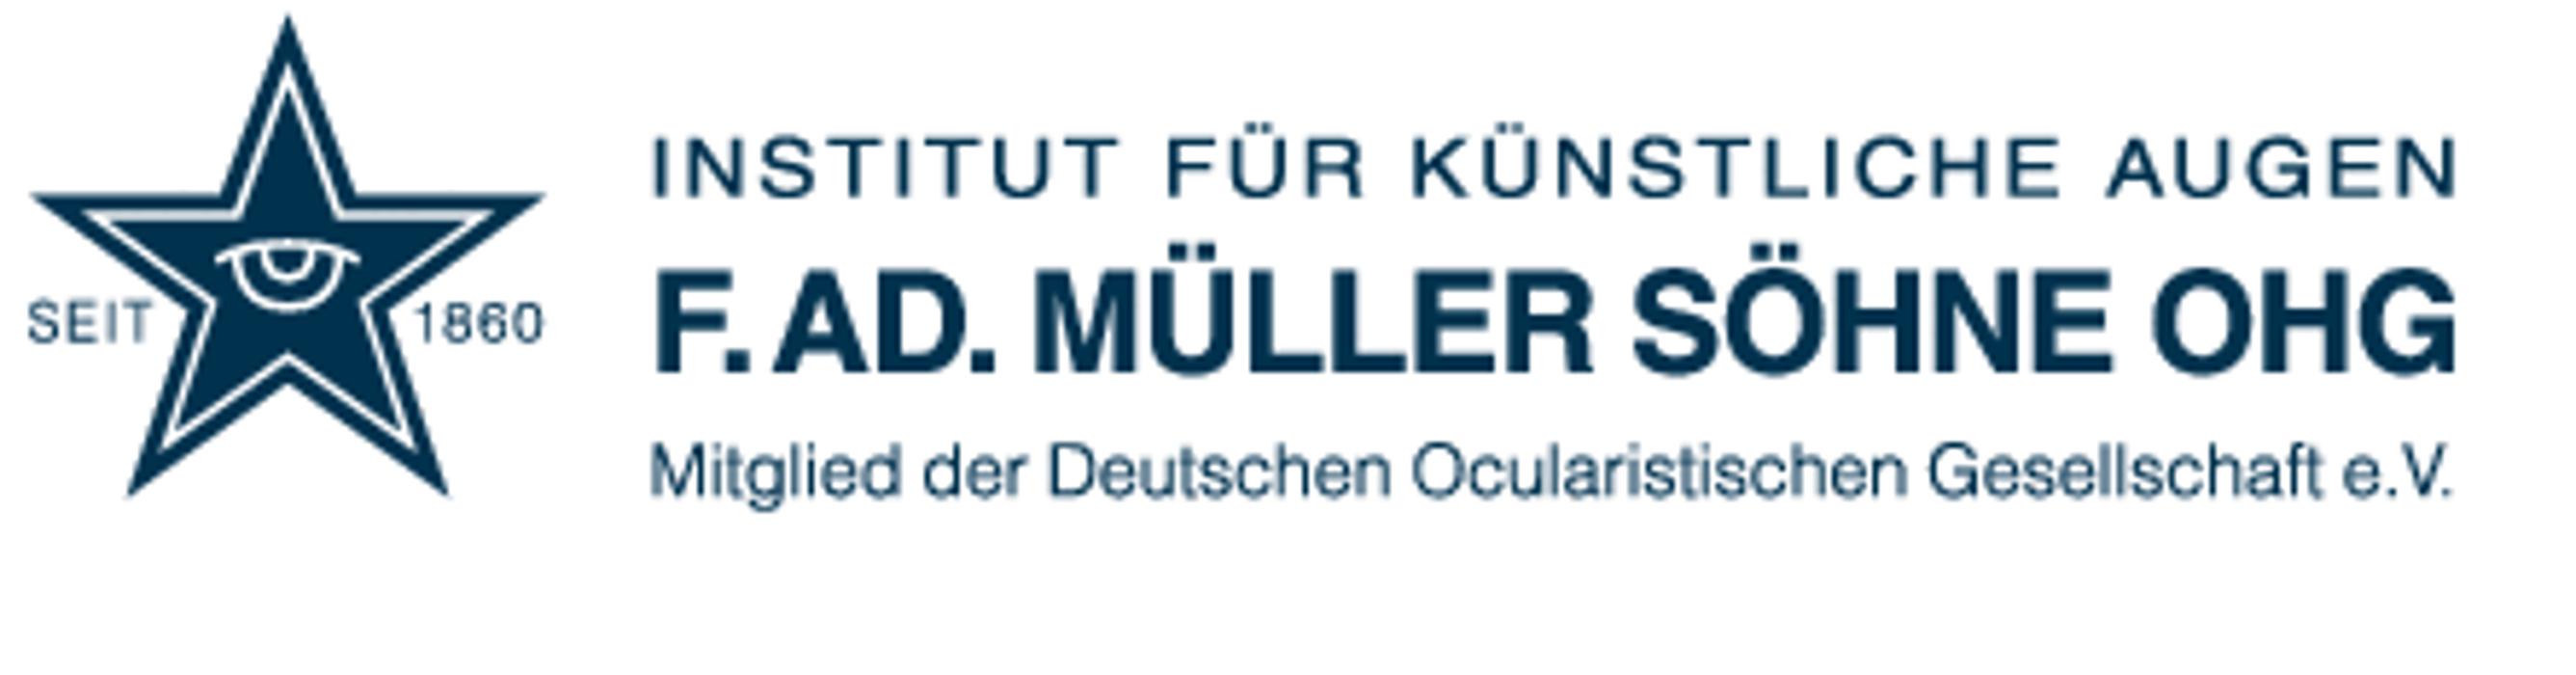 Bild zu Institut für künstliche Augen - F. AD. Müller Söhne GmbH & Co. KG in Wiesbaden